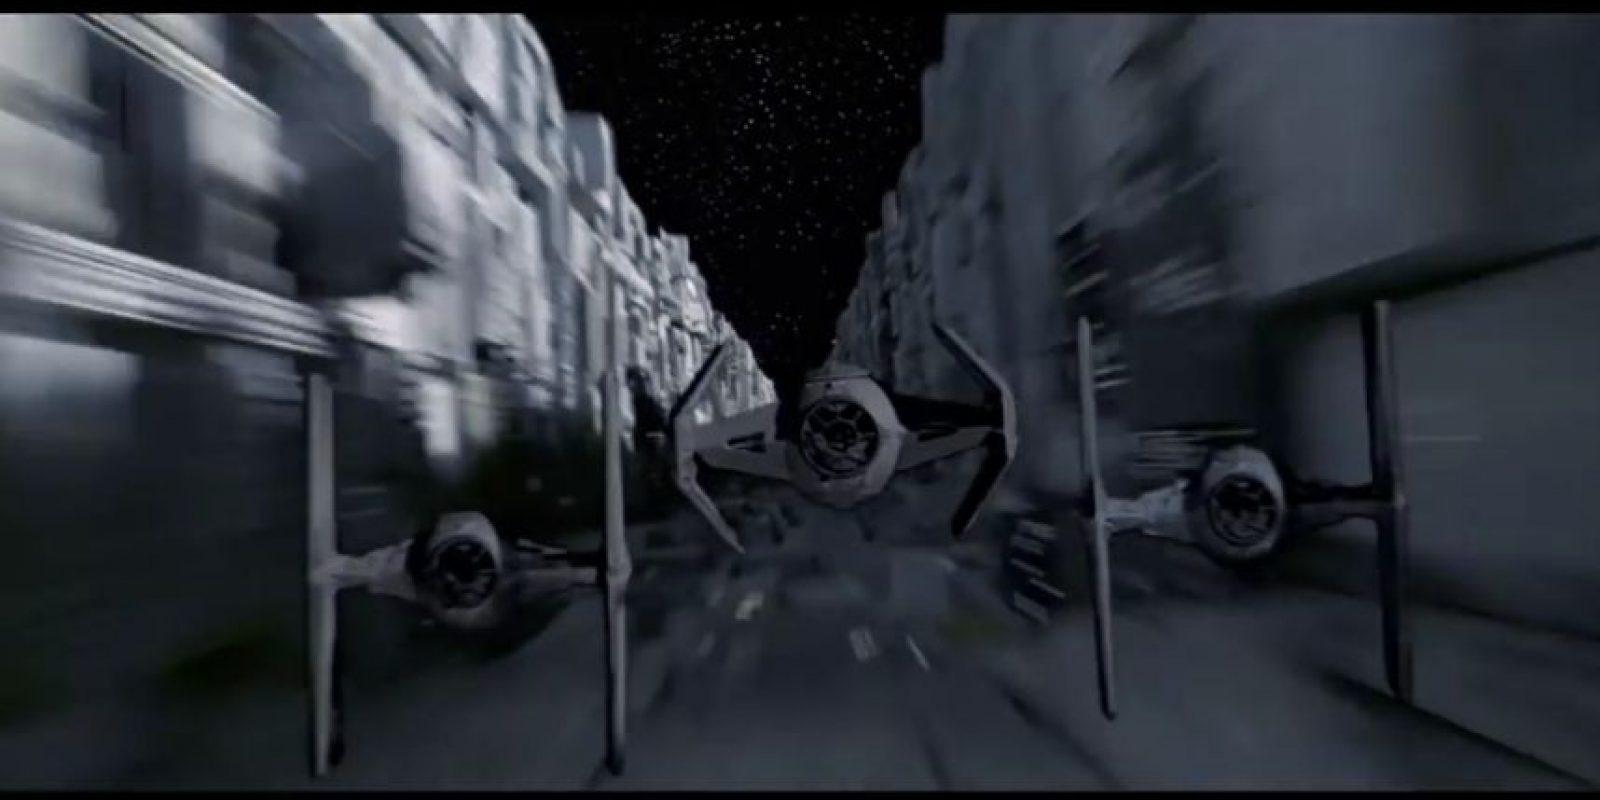 Así lucen las naves de combate TIE en la saga. Foto:Universal Studios